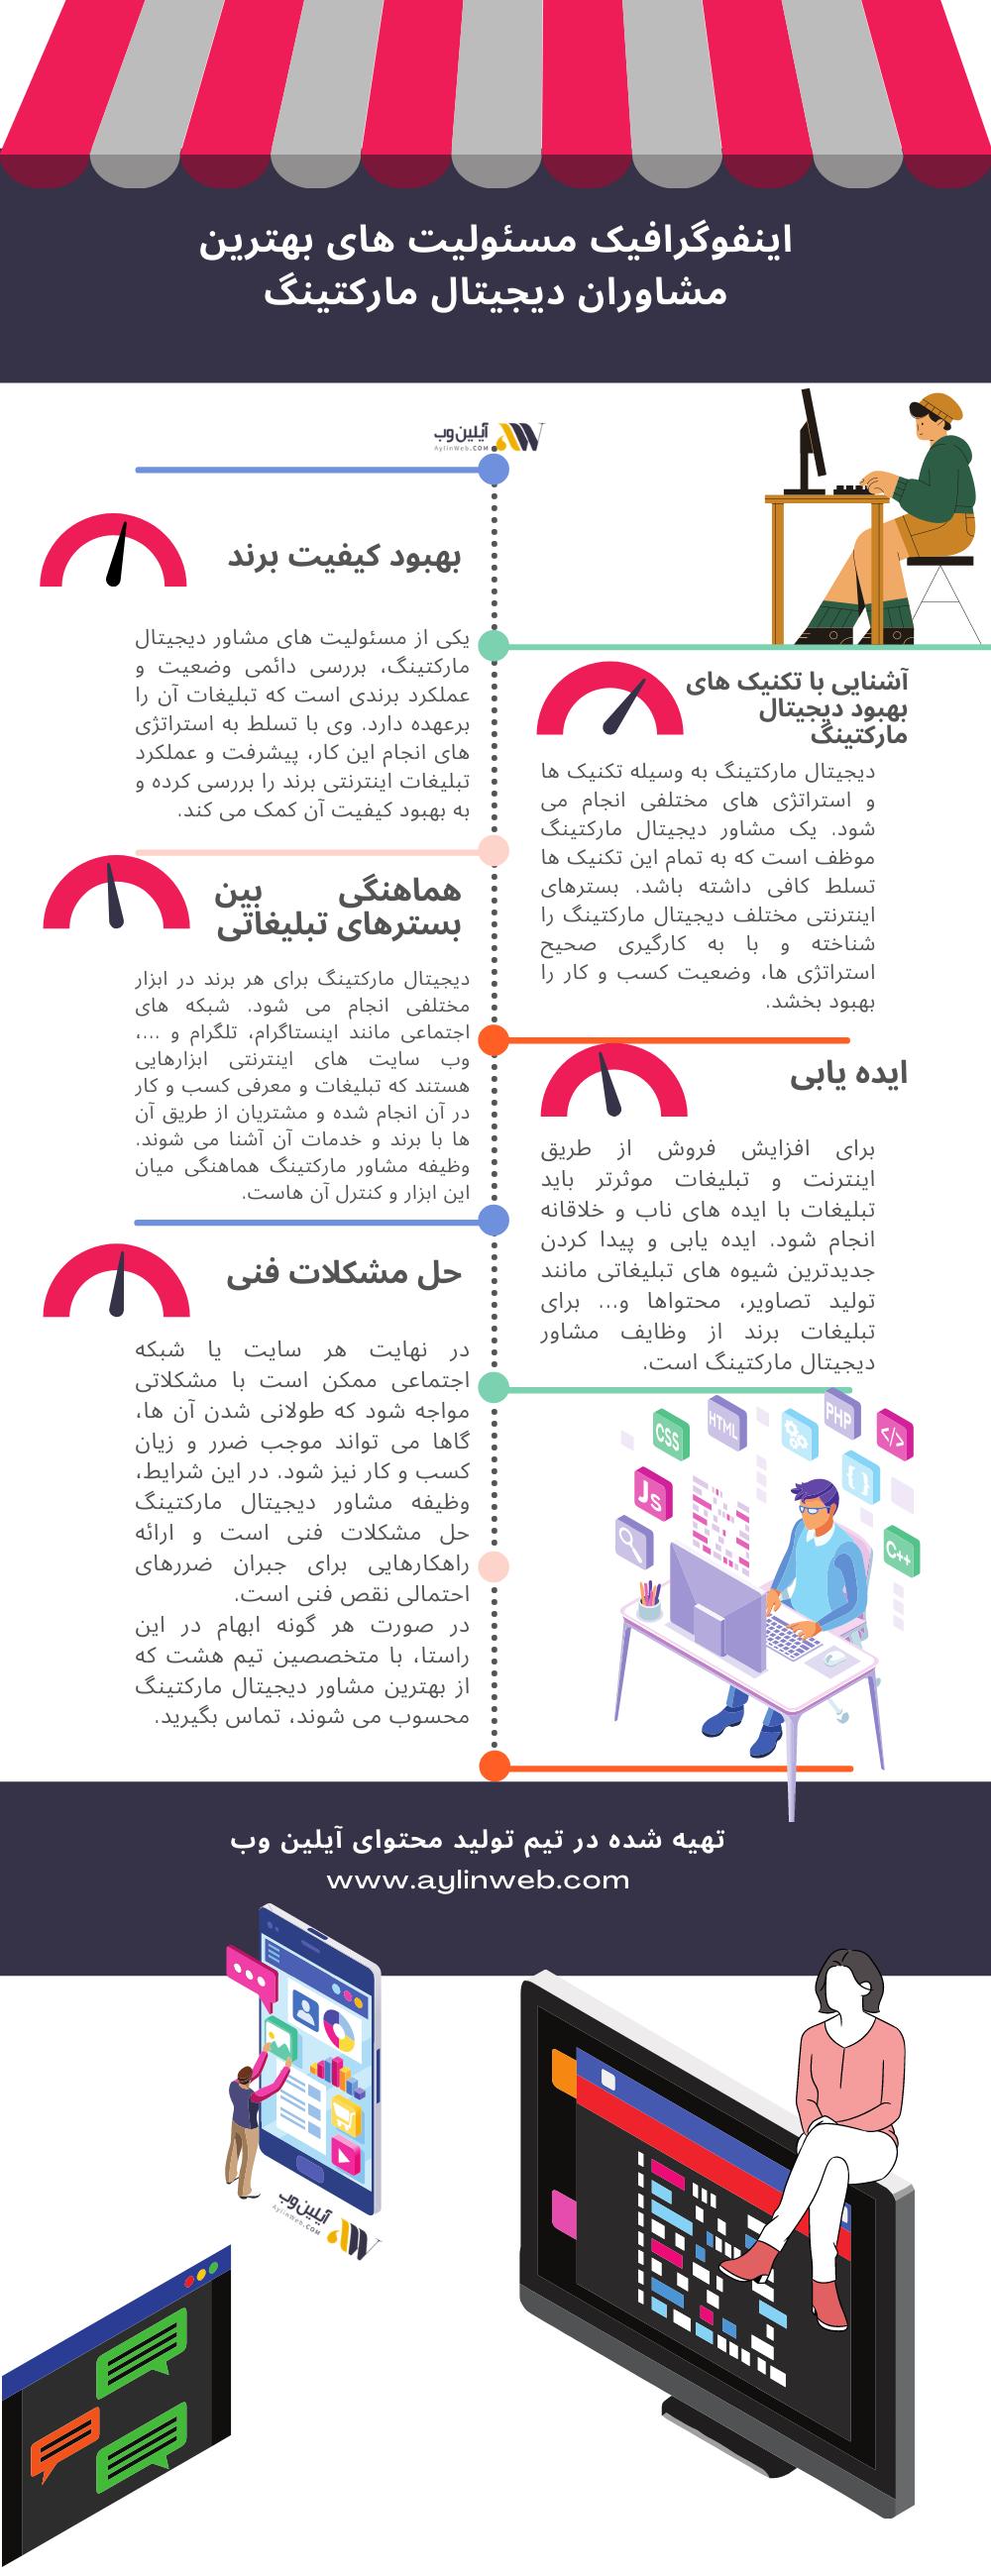 اینفوگرافیک مسئولیت های بهترین مشاوران دیجیتال مارکتینگ